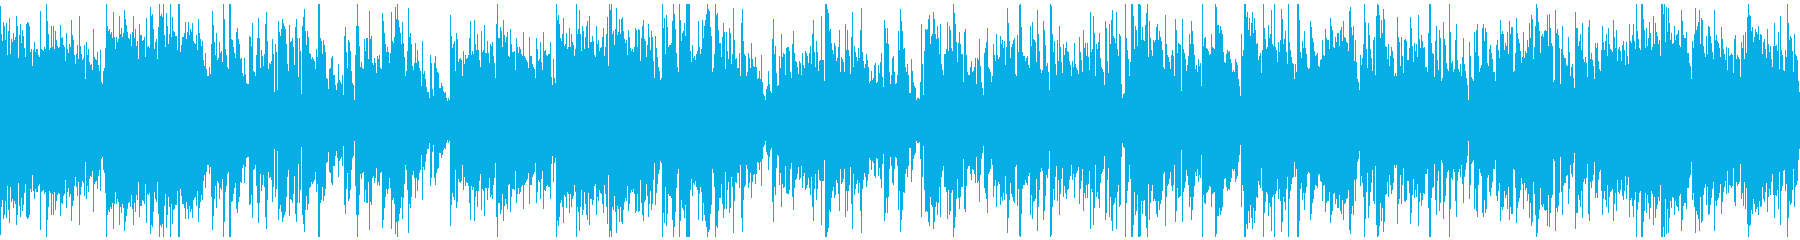 何かが始まる予感なジャズ ※ループ仕様版の再生済みの波形